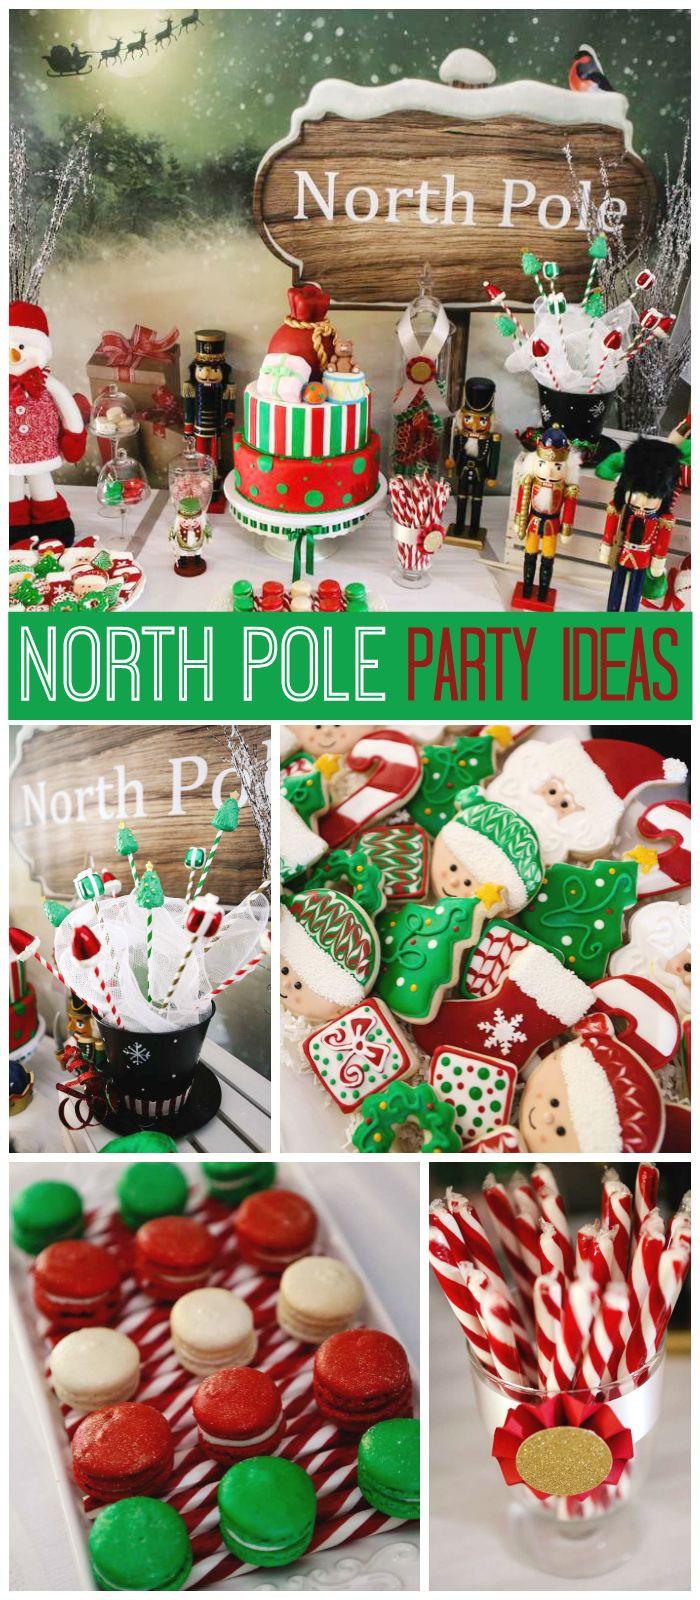 Pinterest Christmas Party Ideas  25 best ideas about Christmas Party Themes on Pinterest